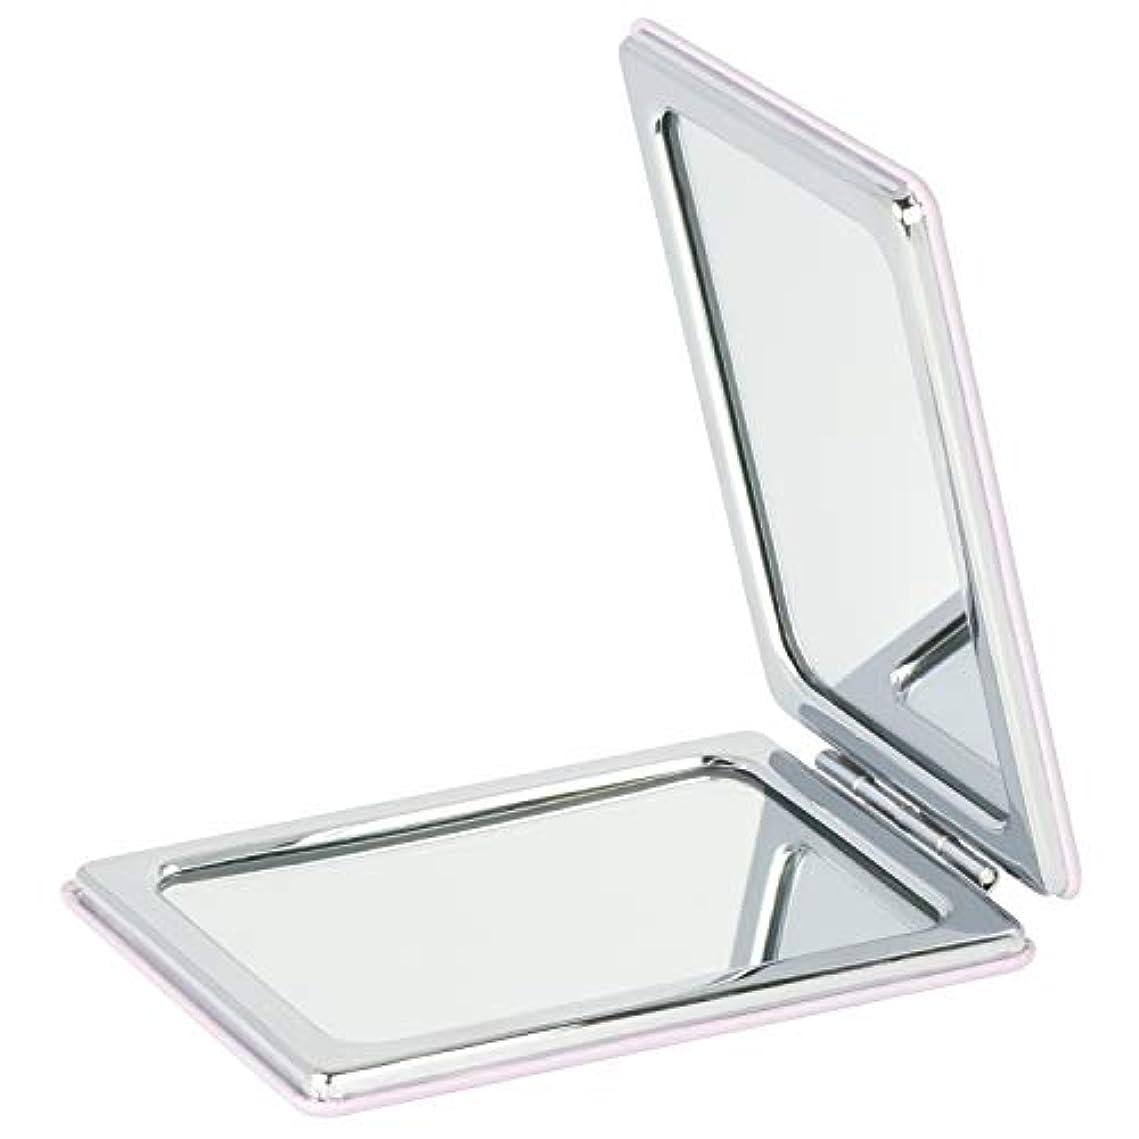 学習者厄介ないとこMouyor 両面コンパクトミラー 手鏡 化粧鏡 携帯ミラー ハンドミラー 5倍拡大鏡+等倍鏡 折りたたみ (角形-A4)